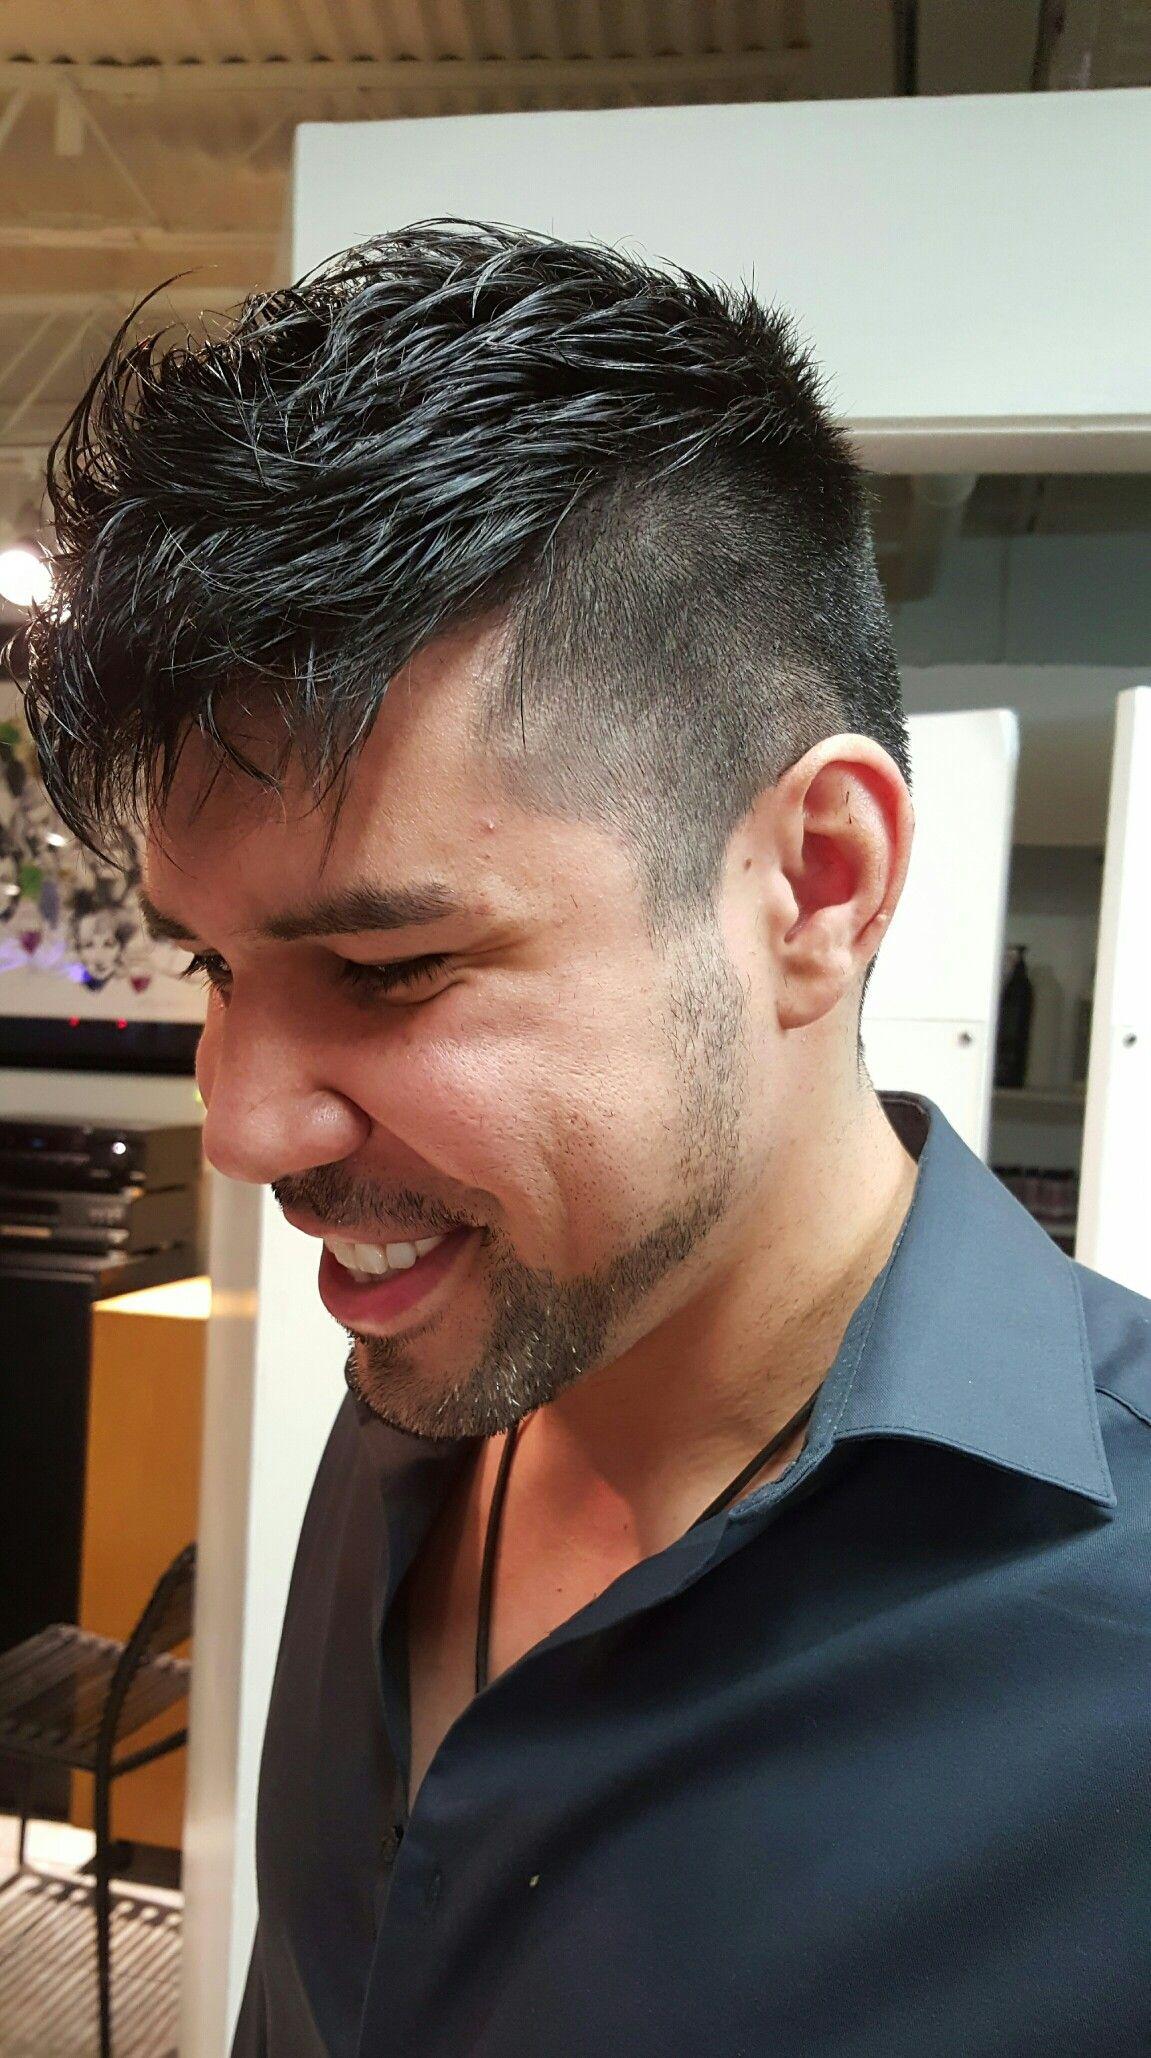 New hair cut for Rico by Noori Daili Next salon main street Santa Monica california  (310)392-6645